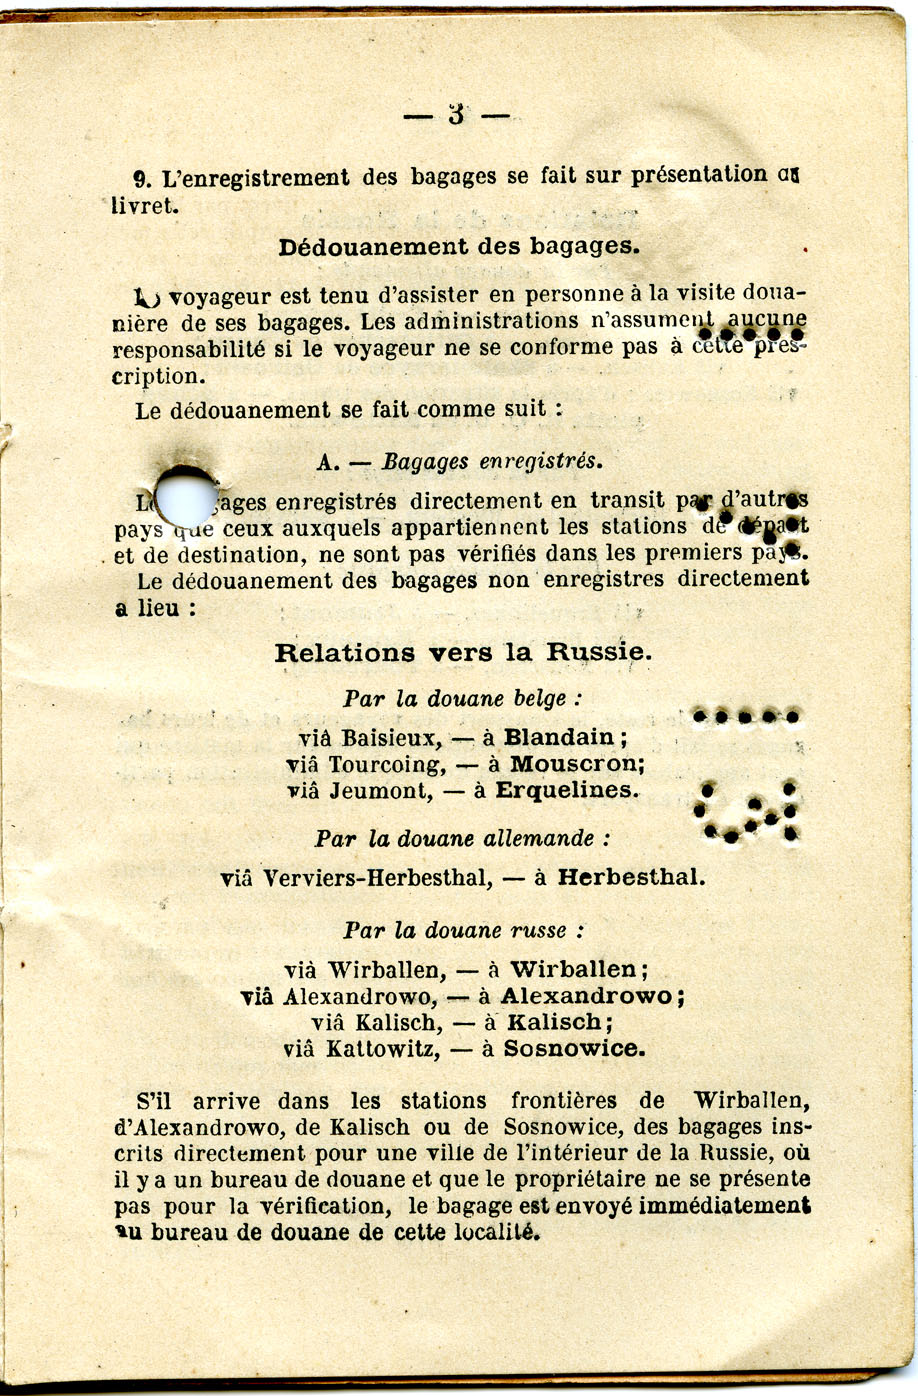 Polya's Train Ticket Paris to Alexandrowo 1913 p17